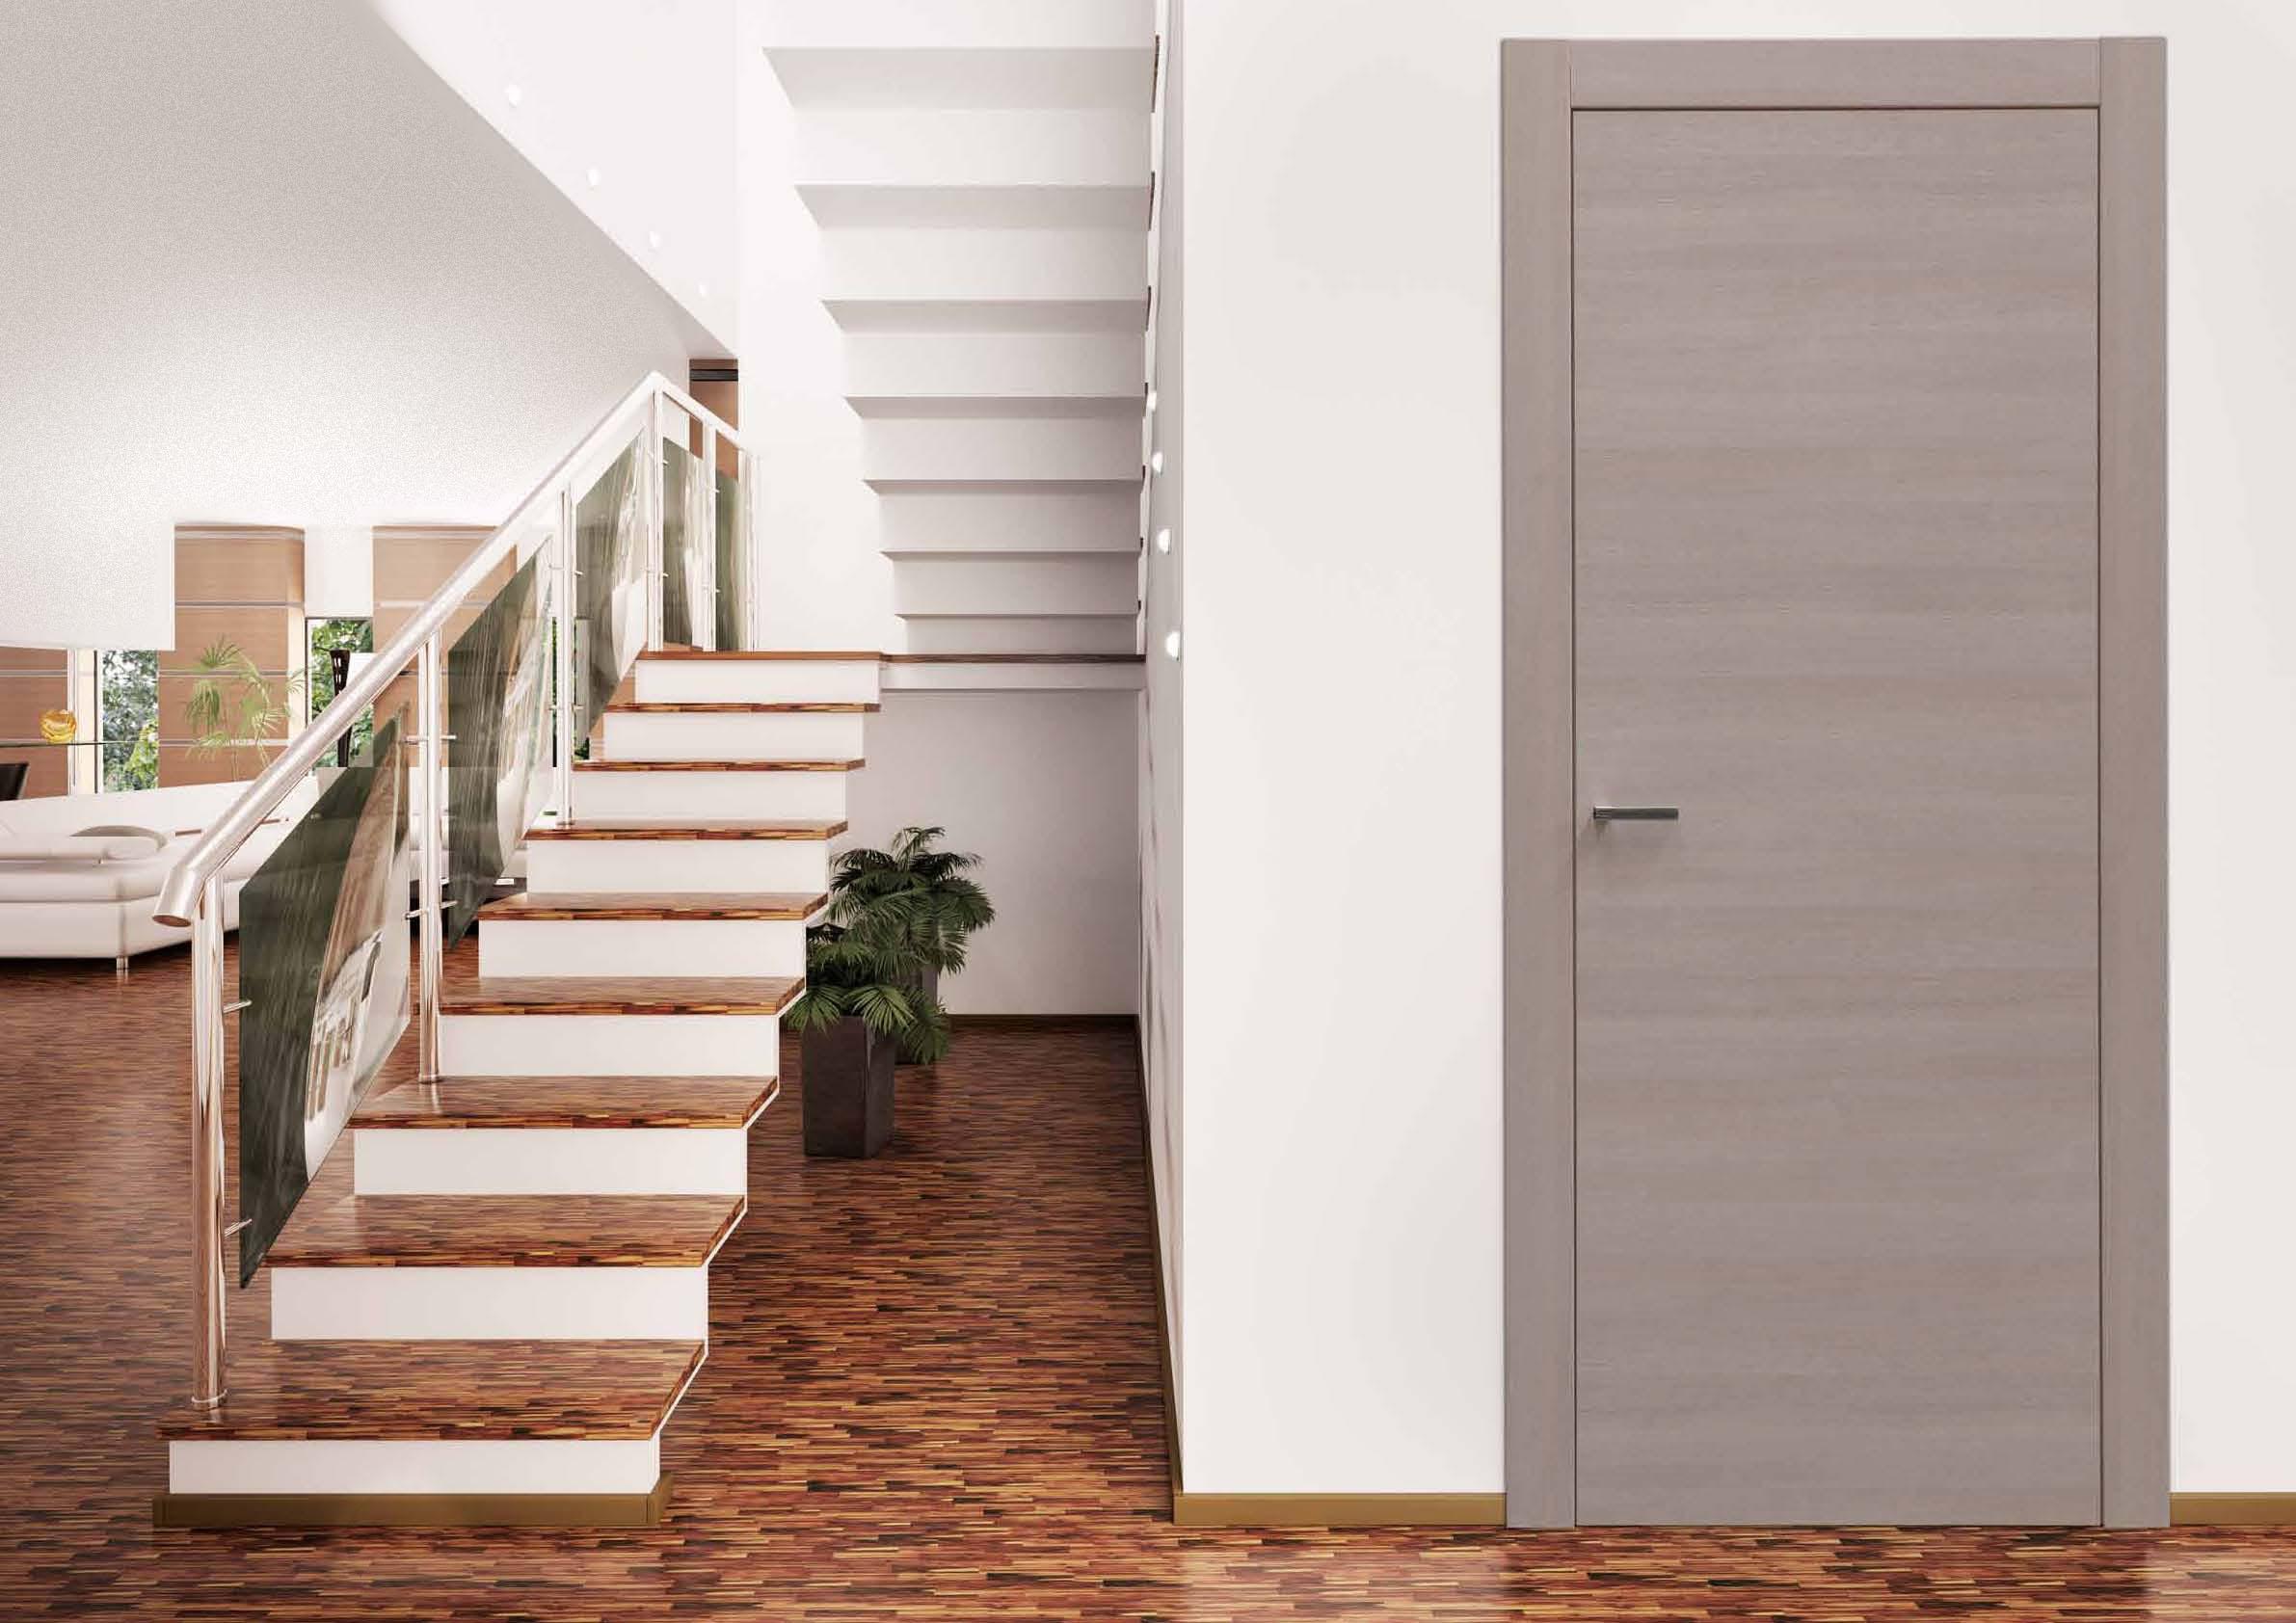 Porte interne a fontana serramenti e infissi in for La casa progetta le foto interne